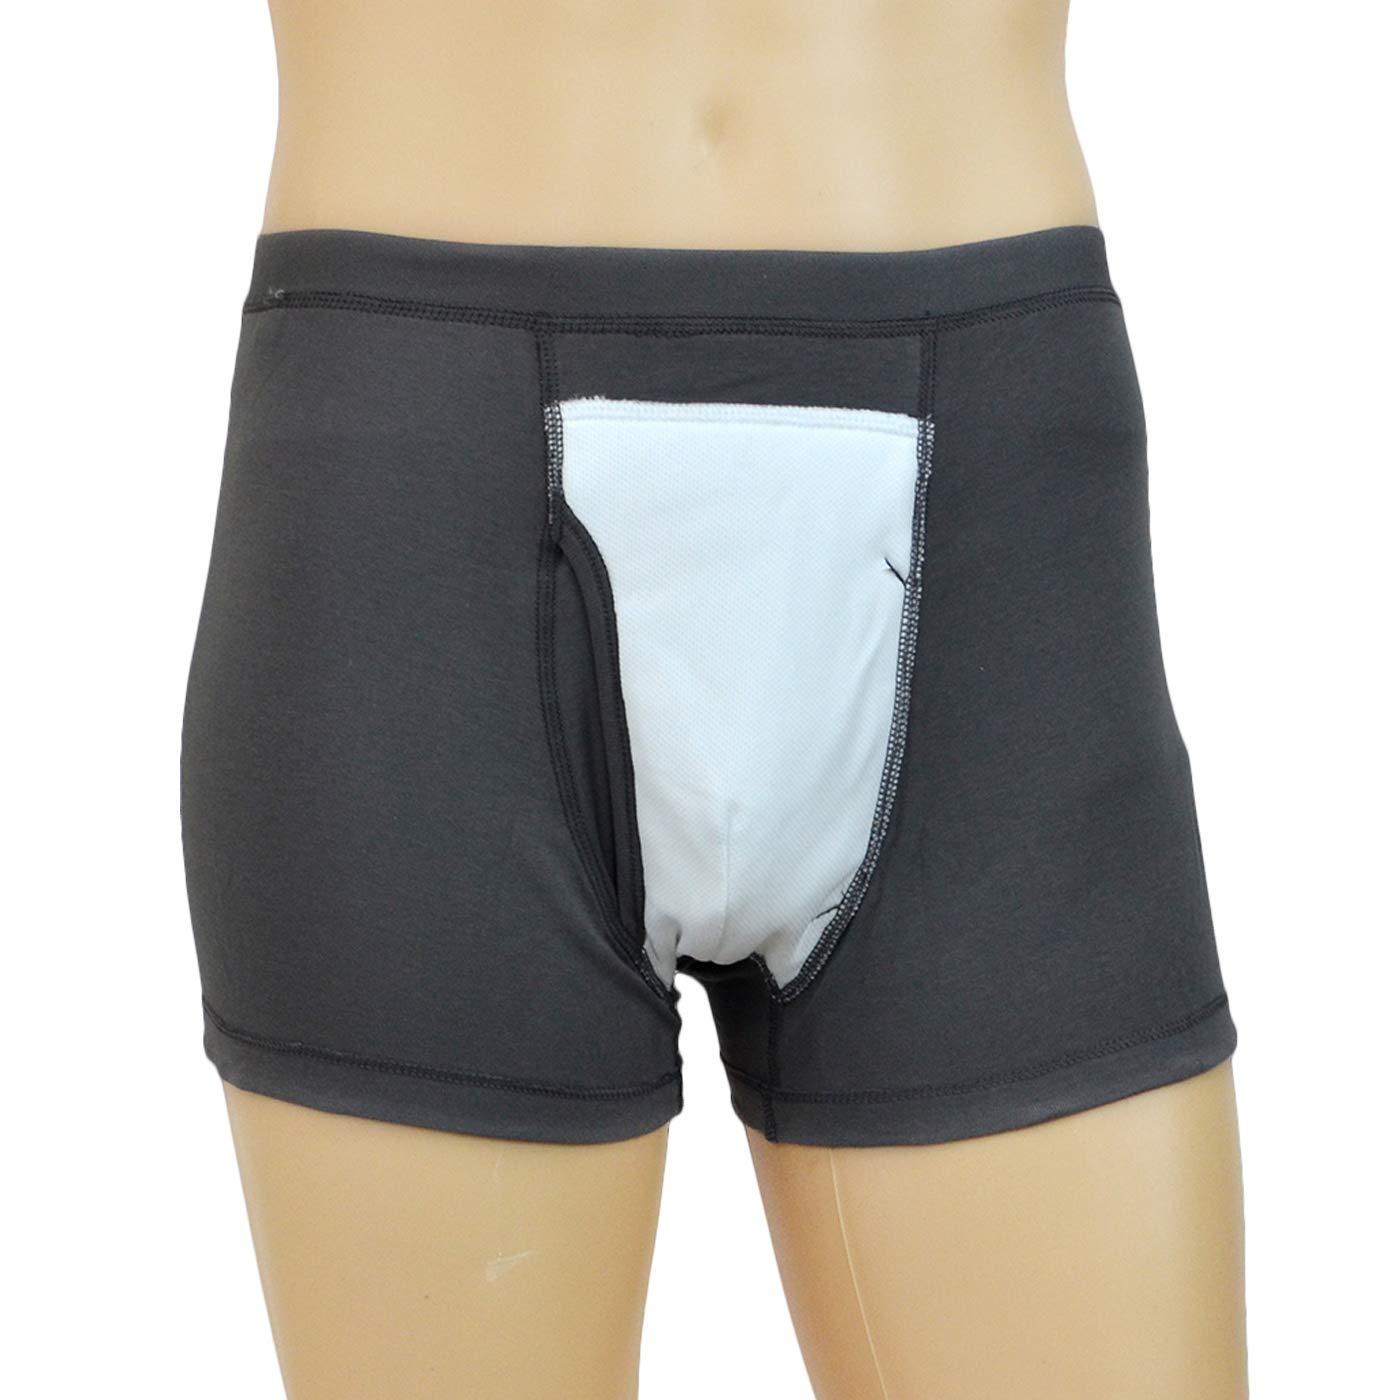 GHzzY Pantaloni per incontinenza Pannolino per Adulti Riutilizzabile per Protezione a Tenuta stagna,M Intimo Lavabile per incontinenza con Area Assorbente Frontale